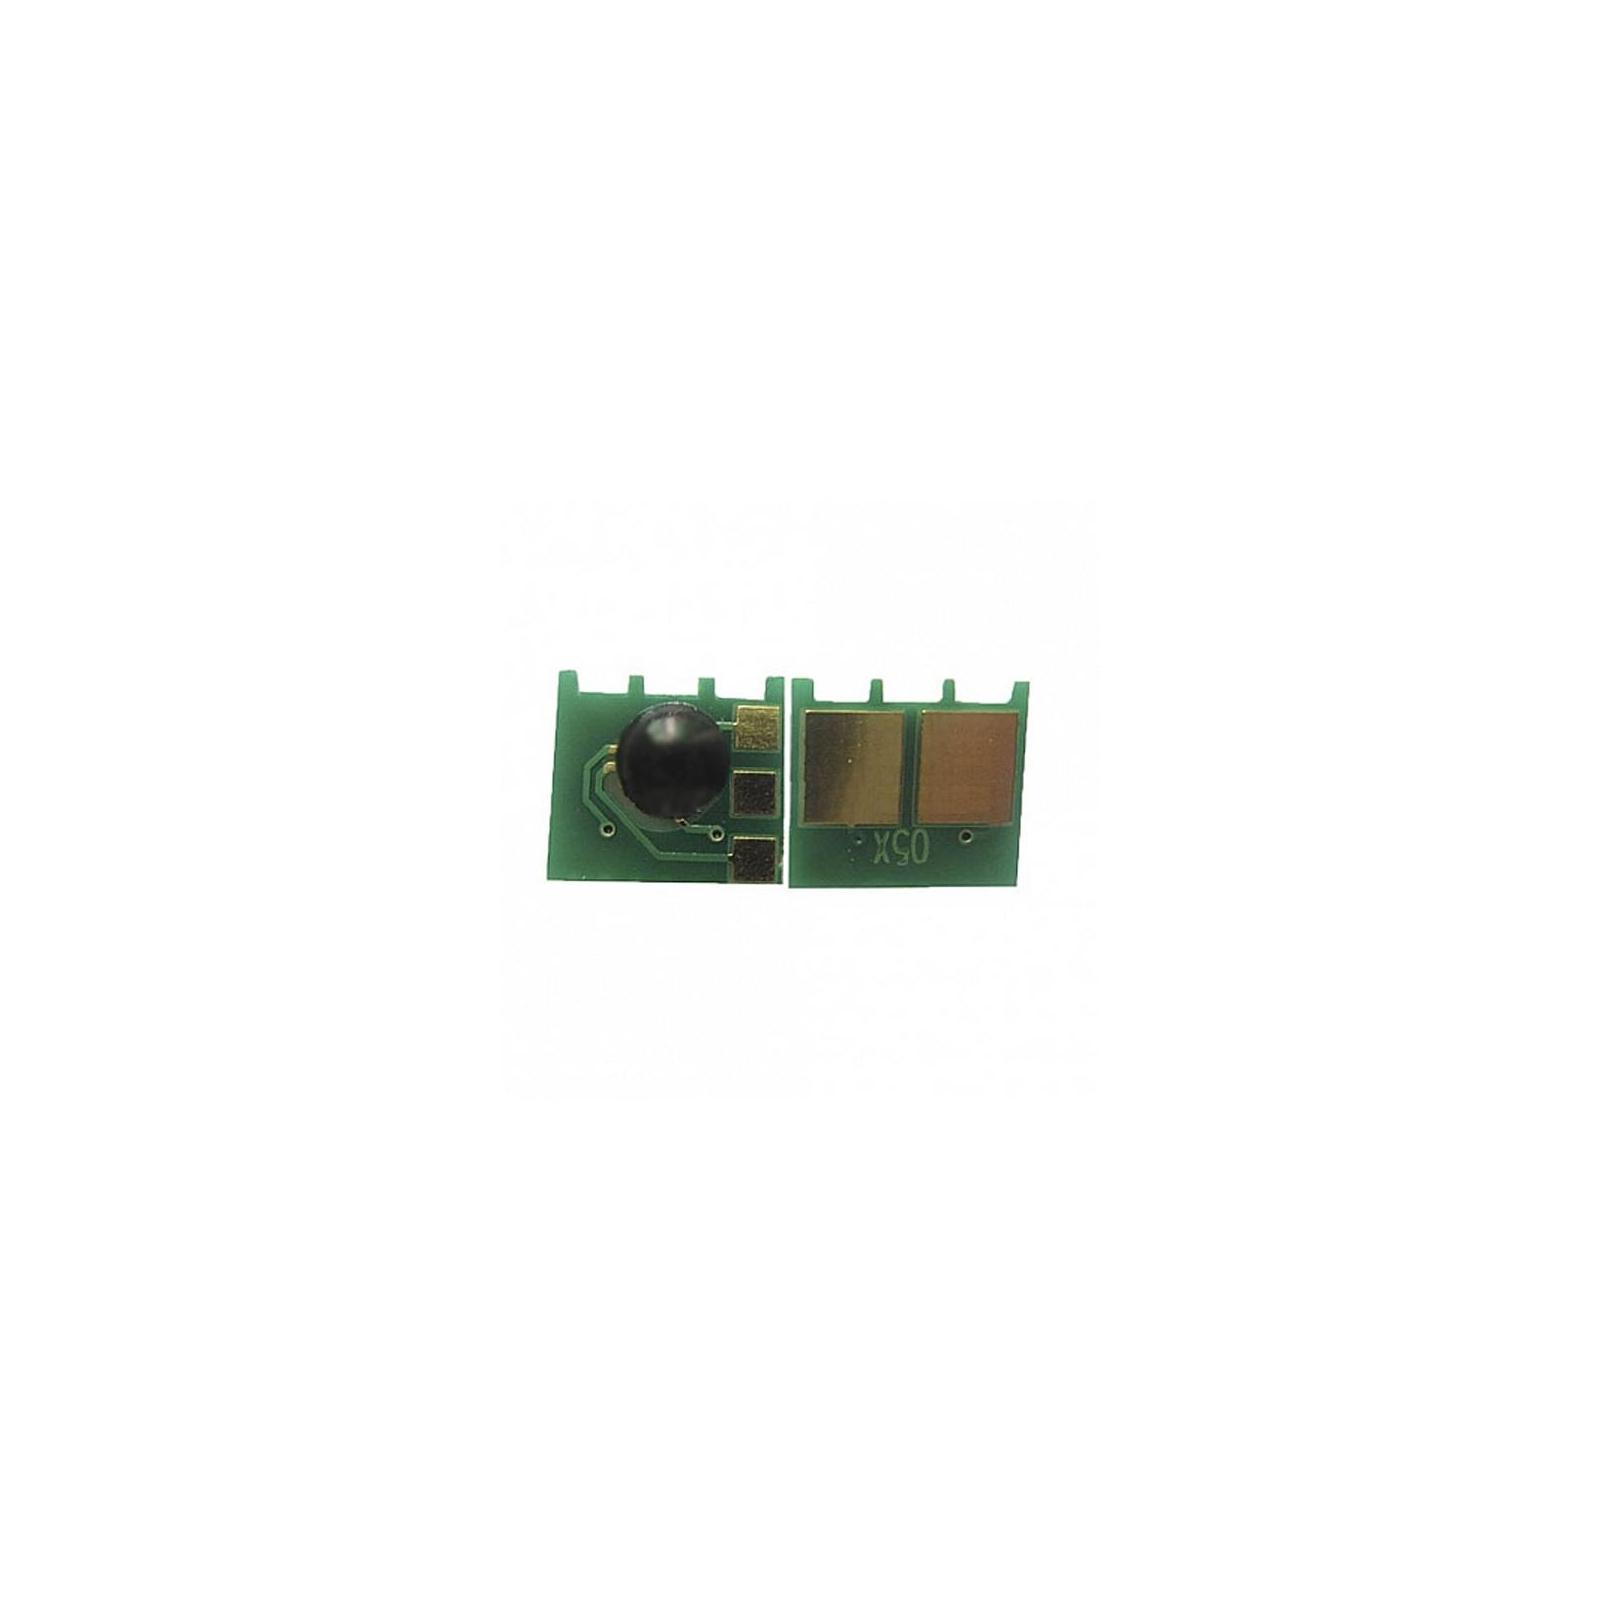 Чип для картриджа Canon 719/729/737 Black AHK (1800398)